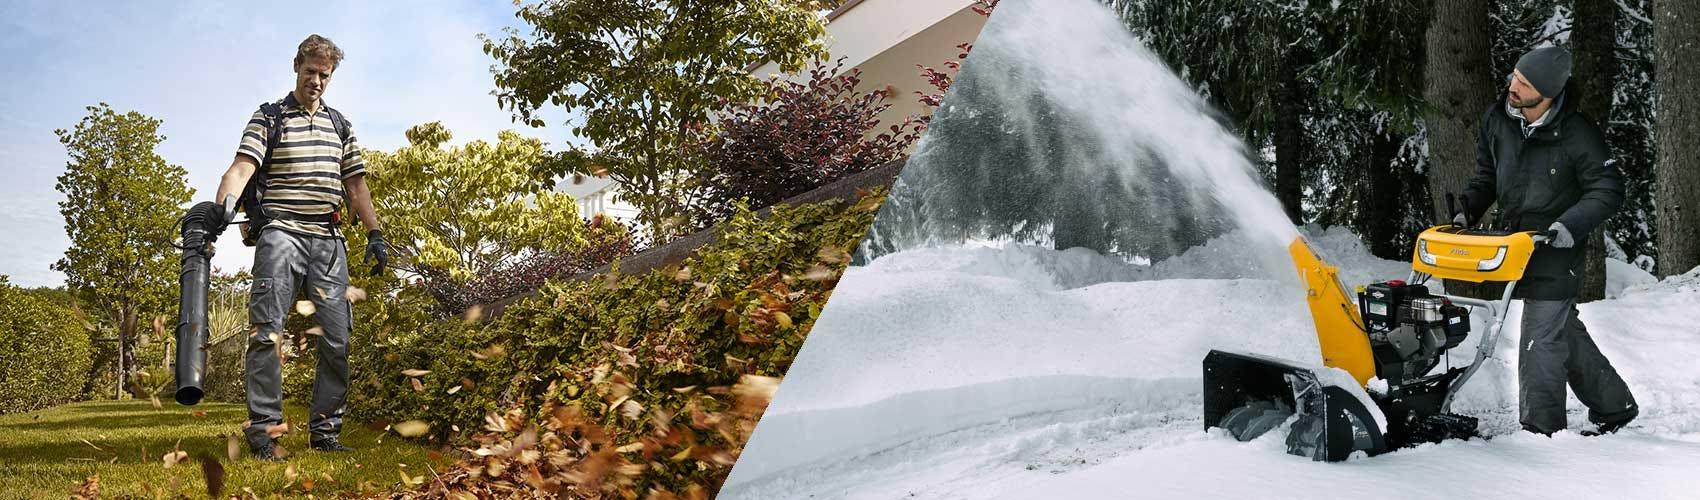 Puutarhanhoito onnistuu myös syksyllä ja talvella STIGA-puutarhatyökalujen ansiosta